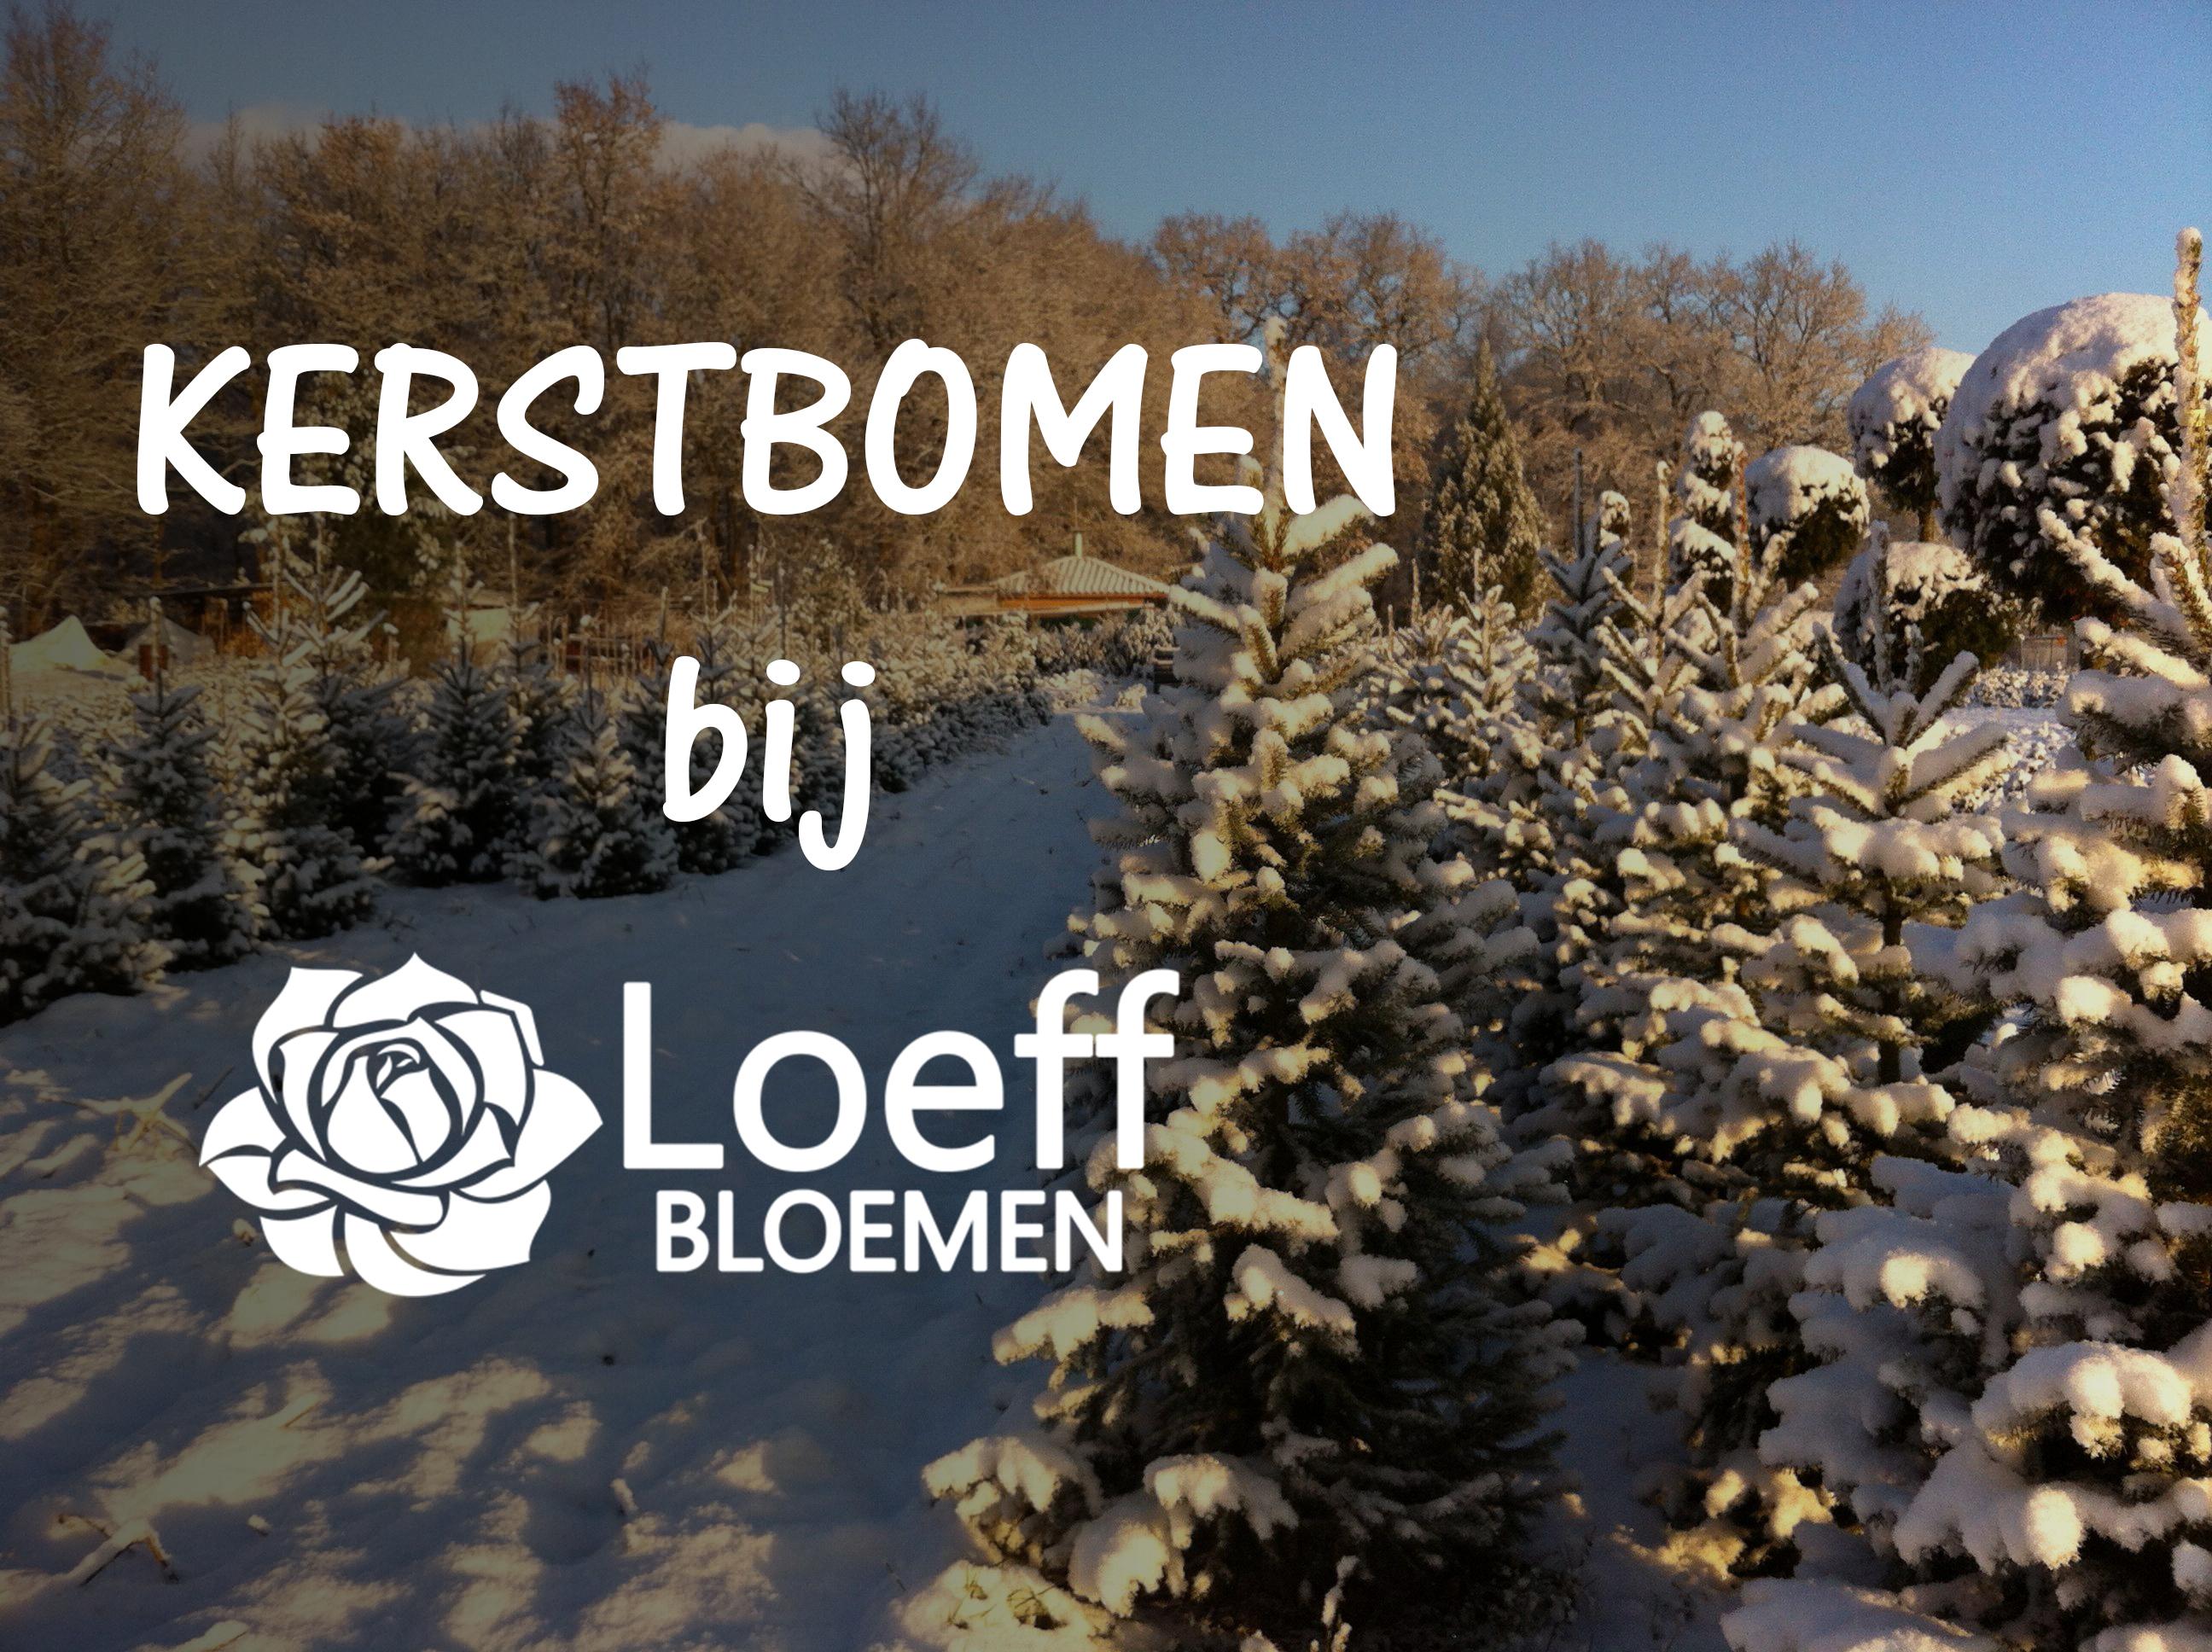 Kerstbomen_2017